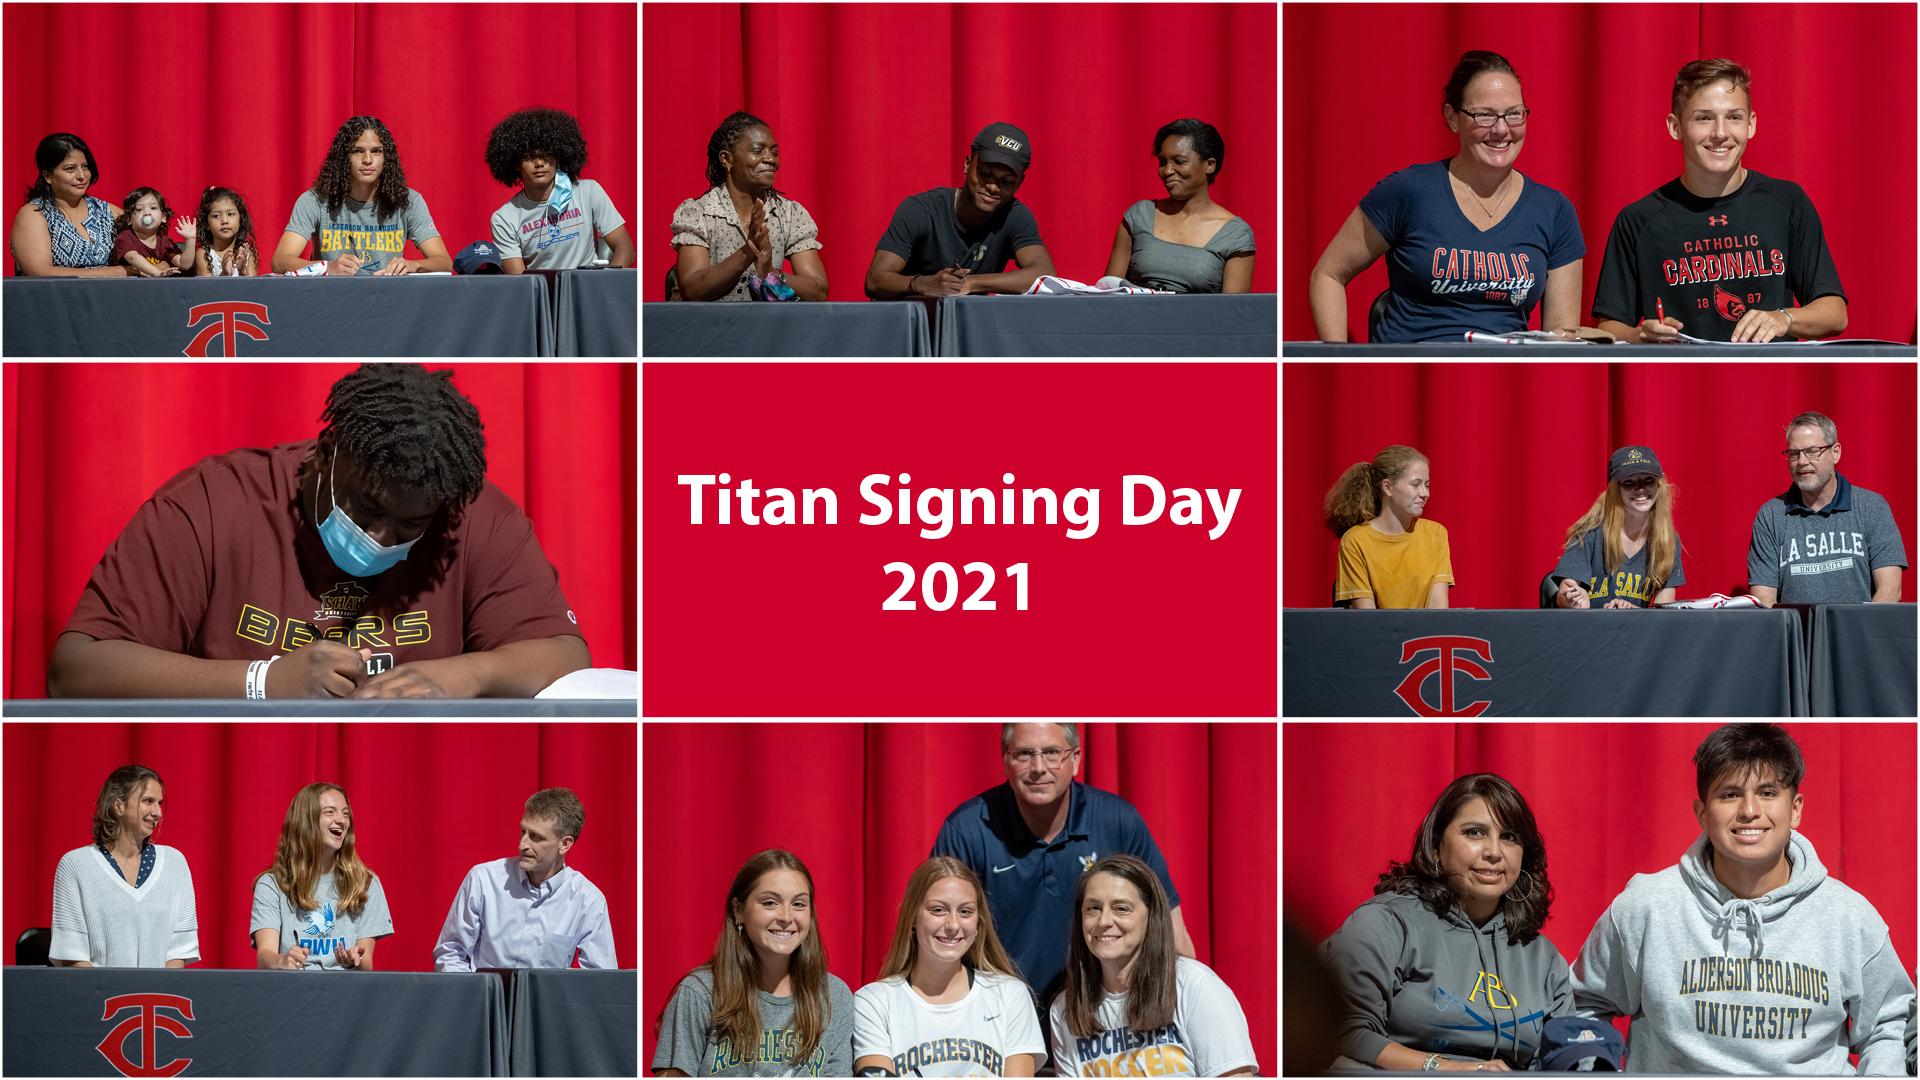 Titan Signing Day 2021